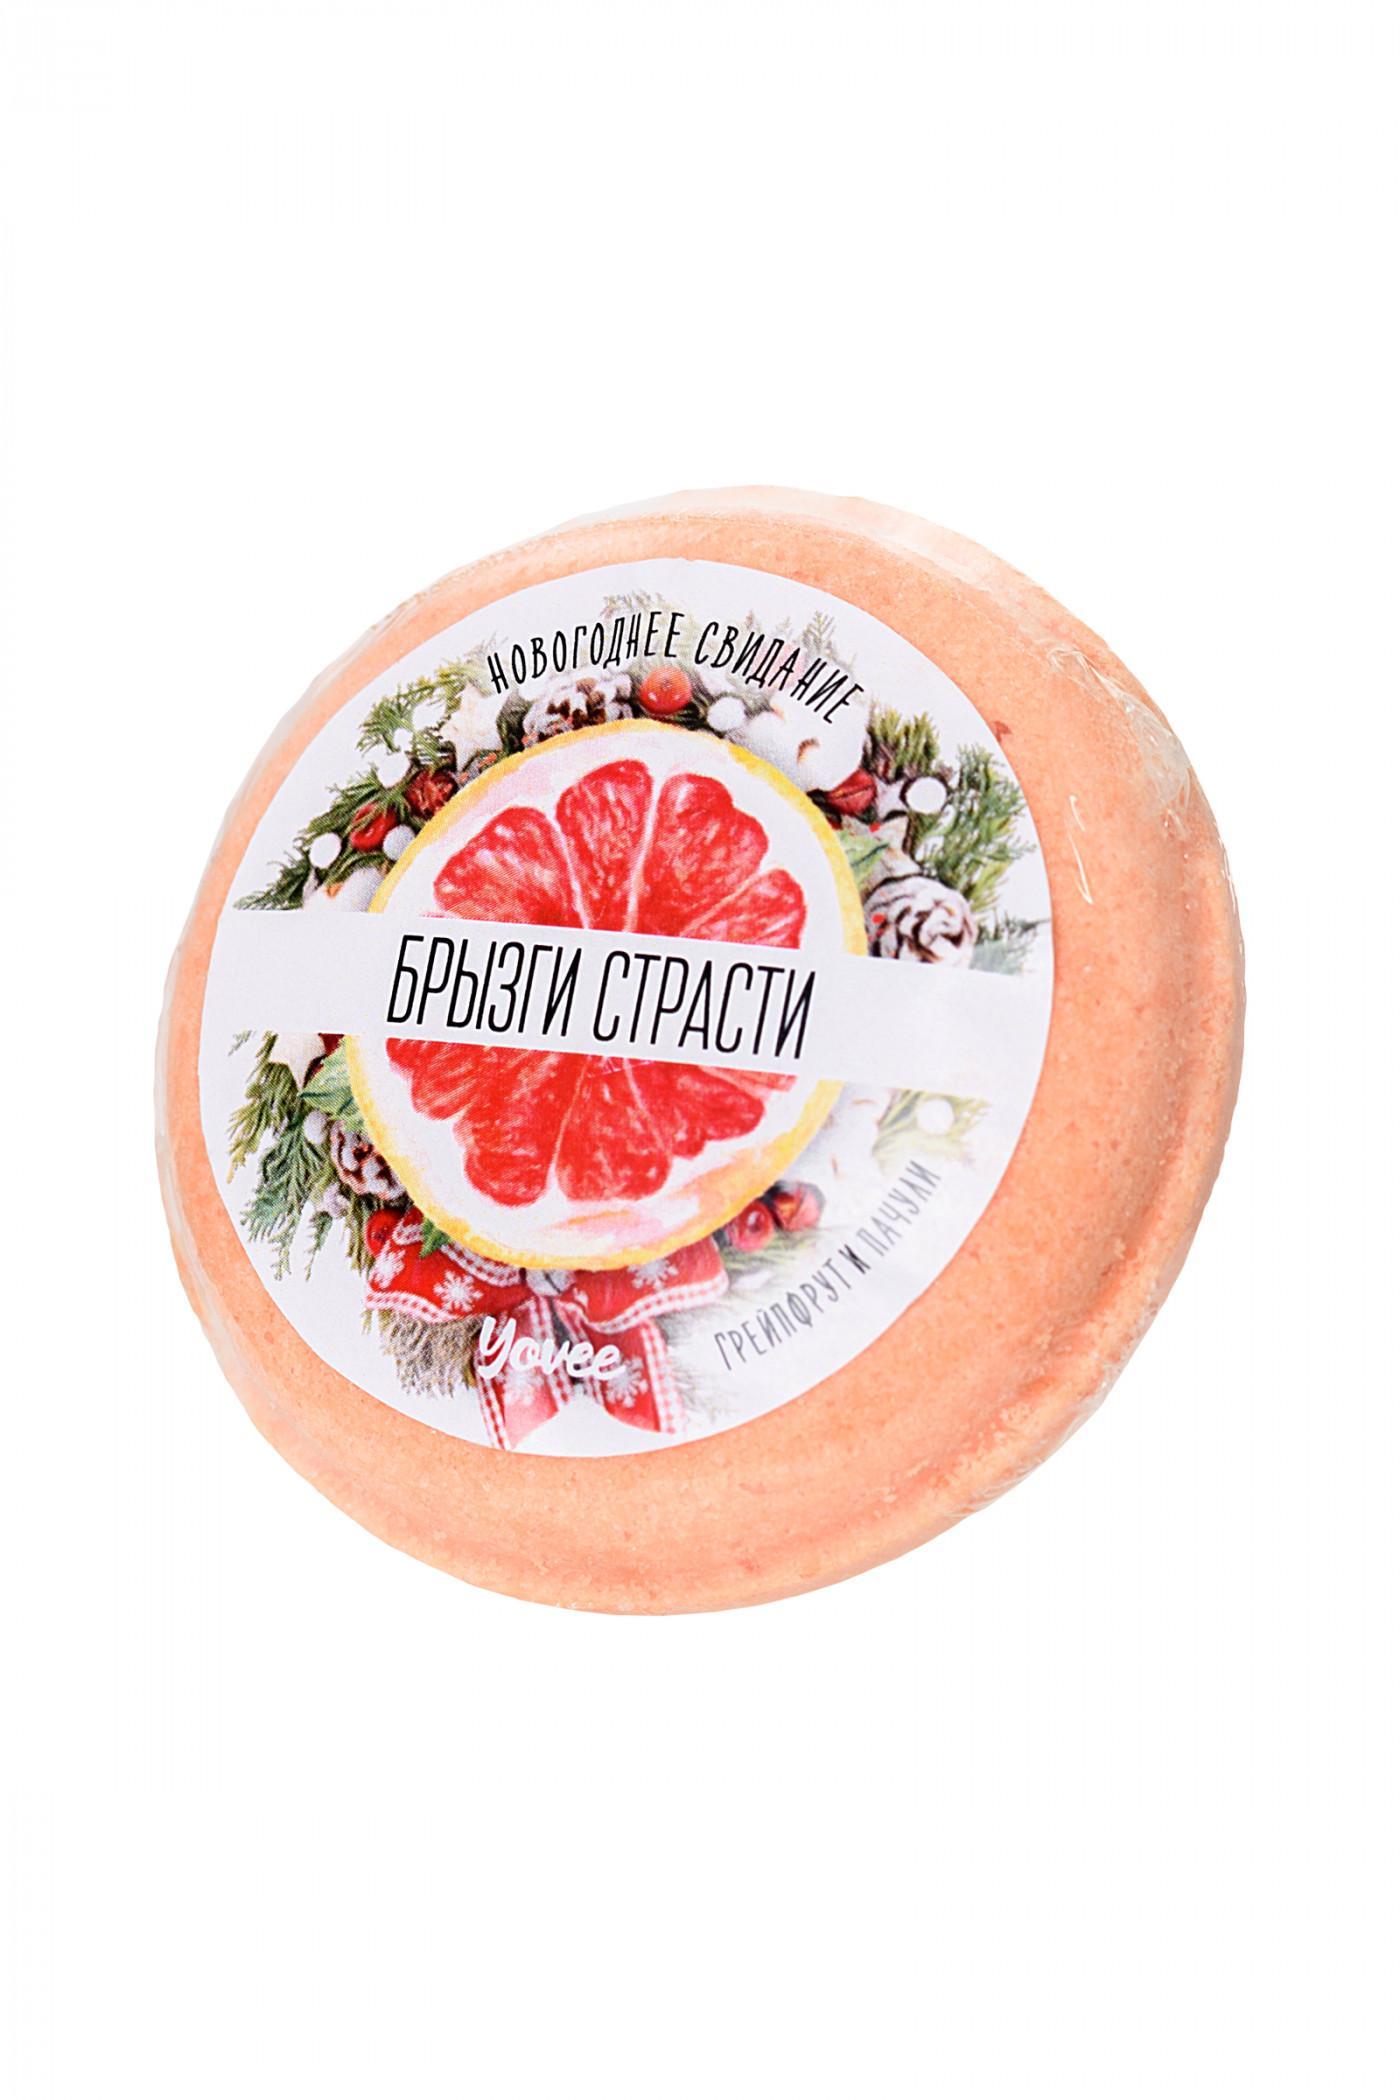 Бомбочка для ванны Yovee by Toyfa «Брызги страсти», с ароматом грейпфрута и пачули, 70 г